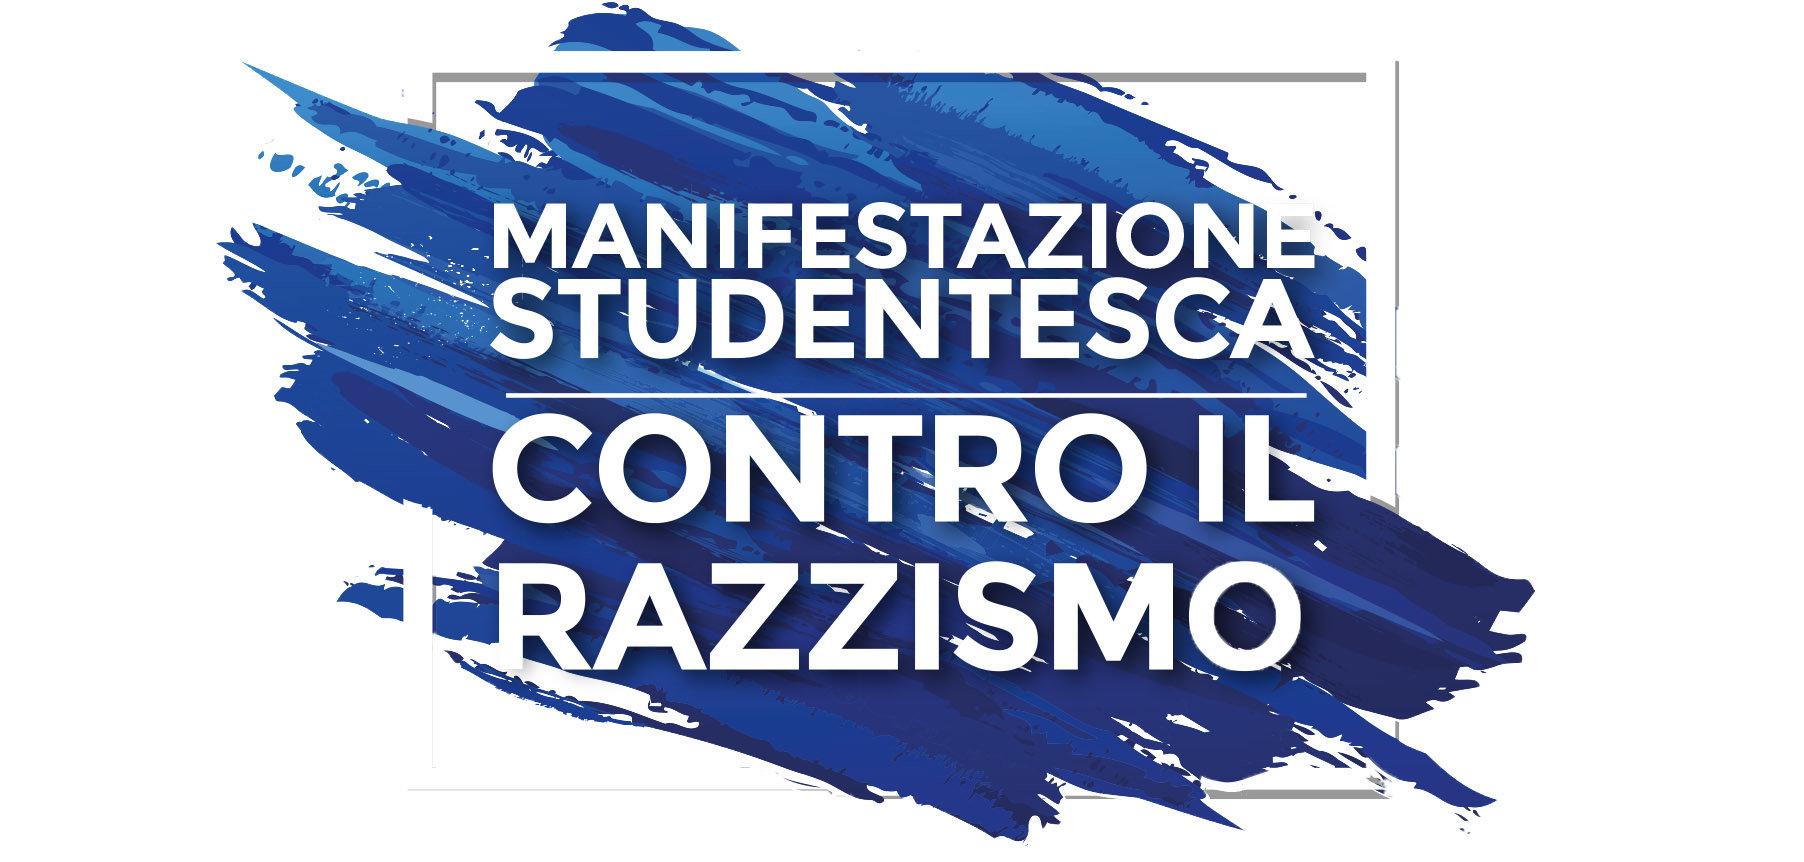 Venerdì 17 novembre studenti in piazza contro il razzismo